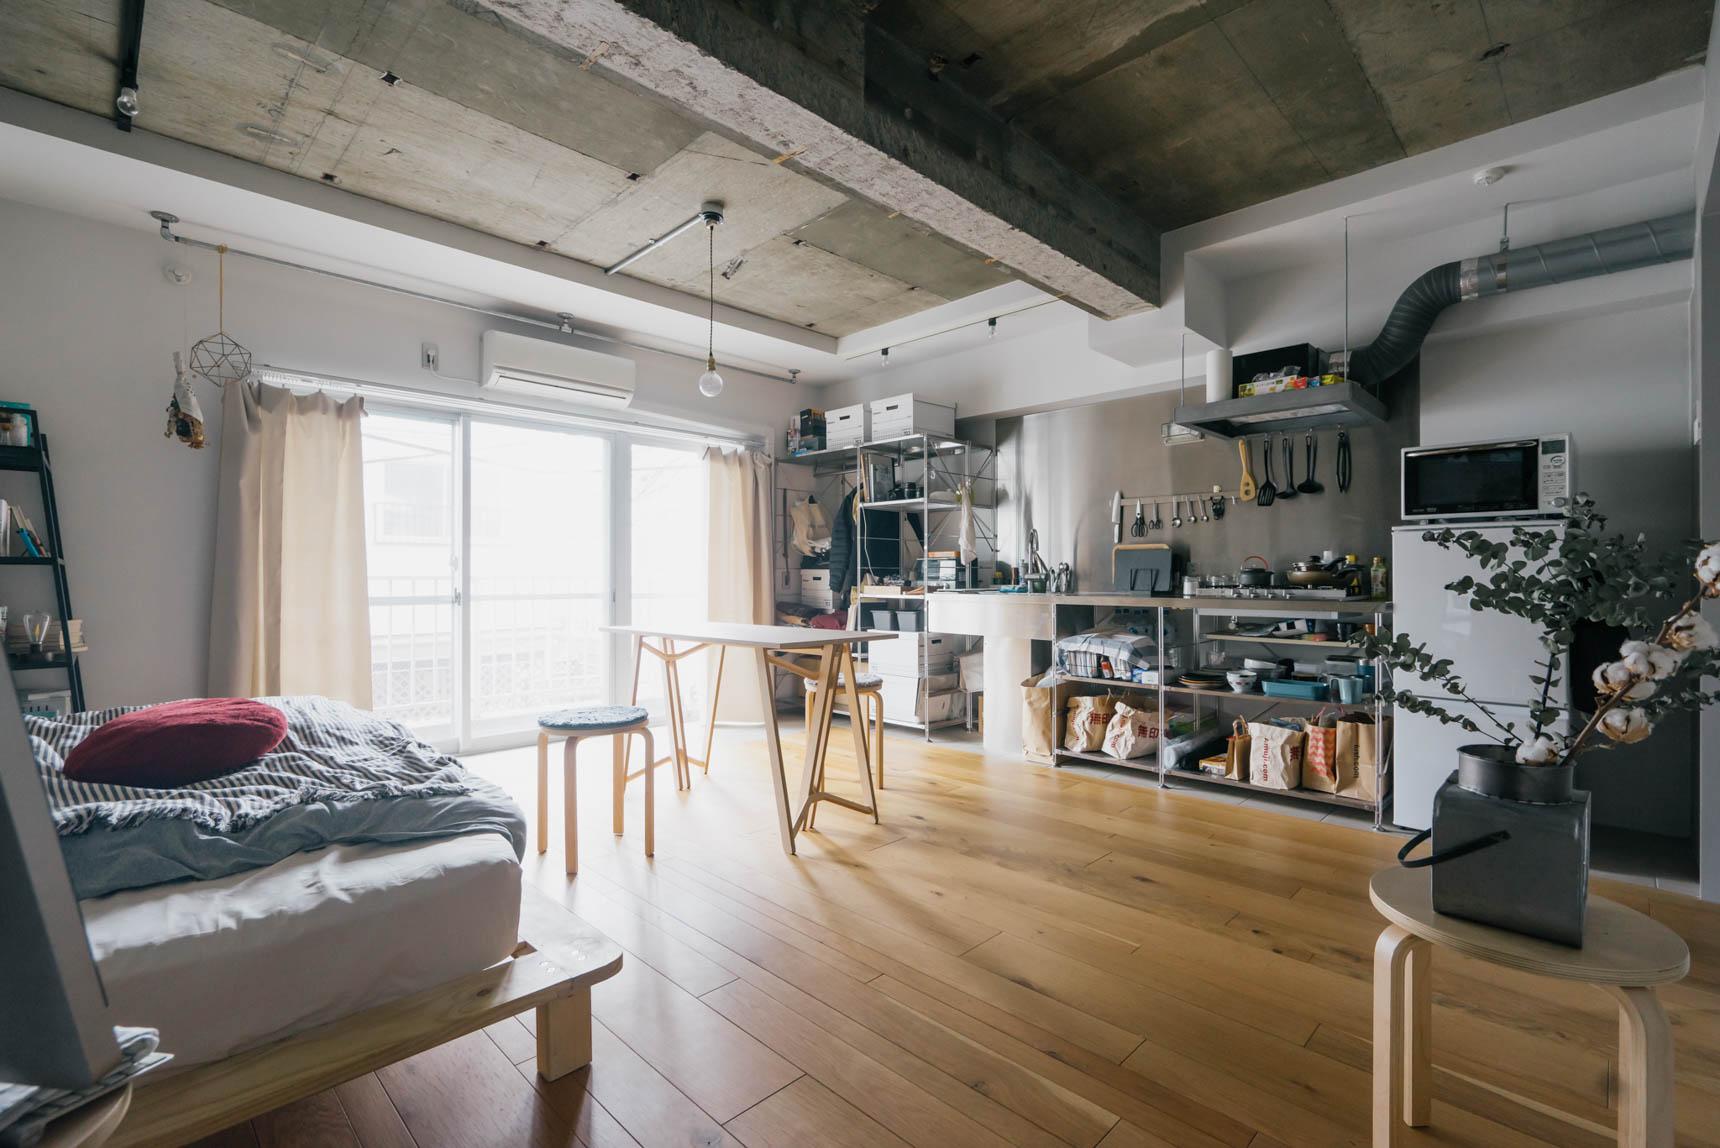 広さがあり、天井が高いこともあって、かなり開放的な空間。